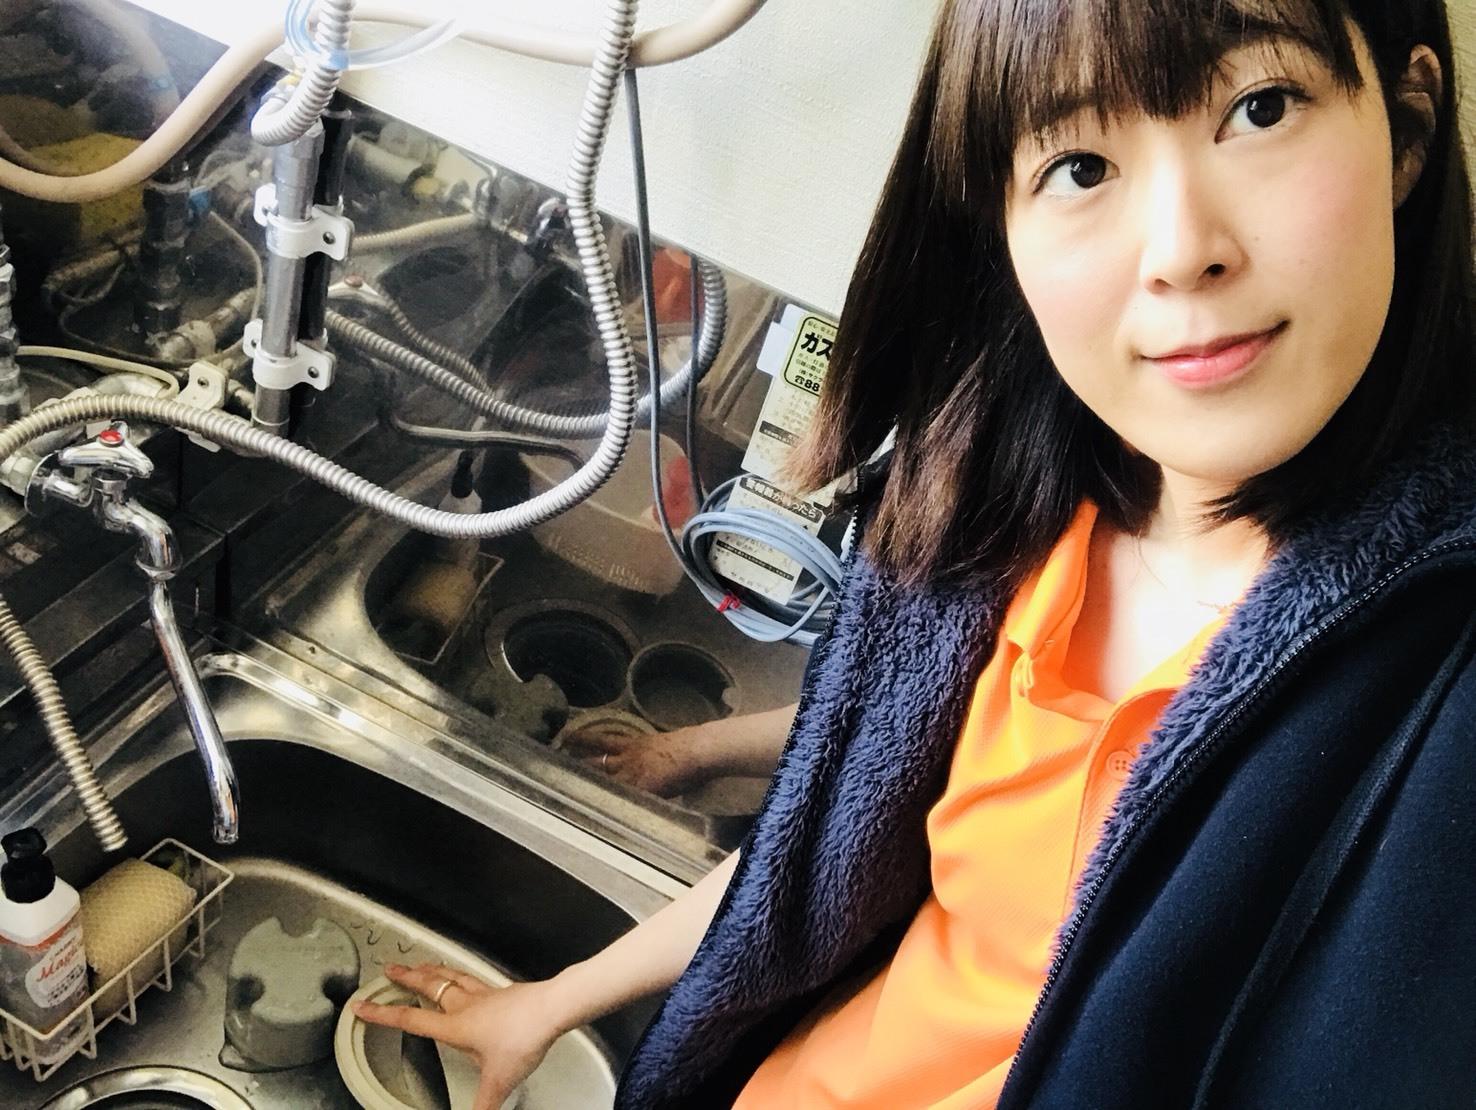 6月18日(月)トミーベース カスタムブログ☆Y様プリウスα☆M様ワゴンRが納車となりました☆_b0127002_11250639.jpg